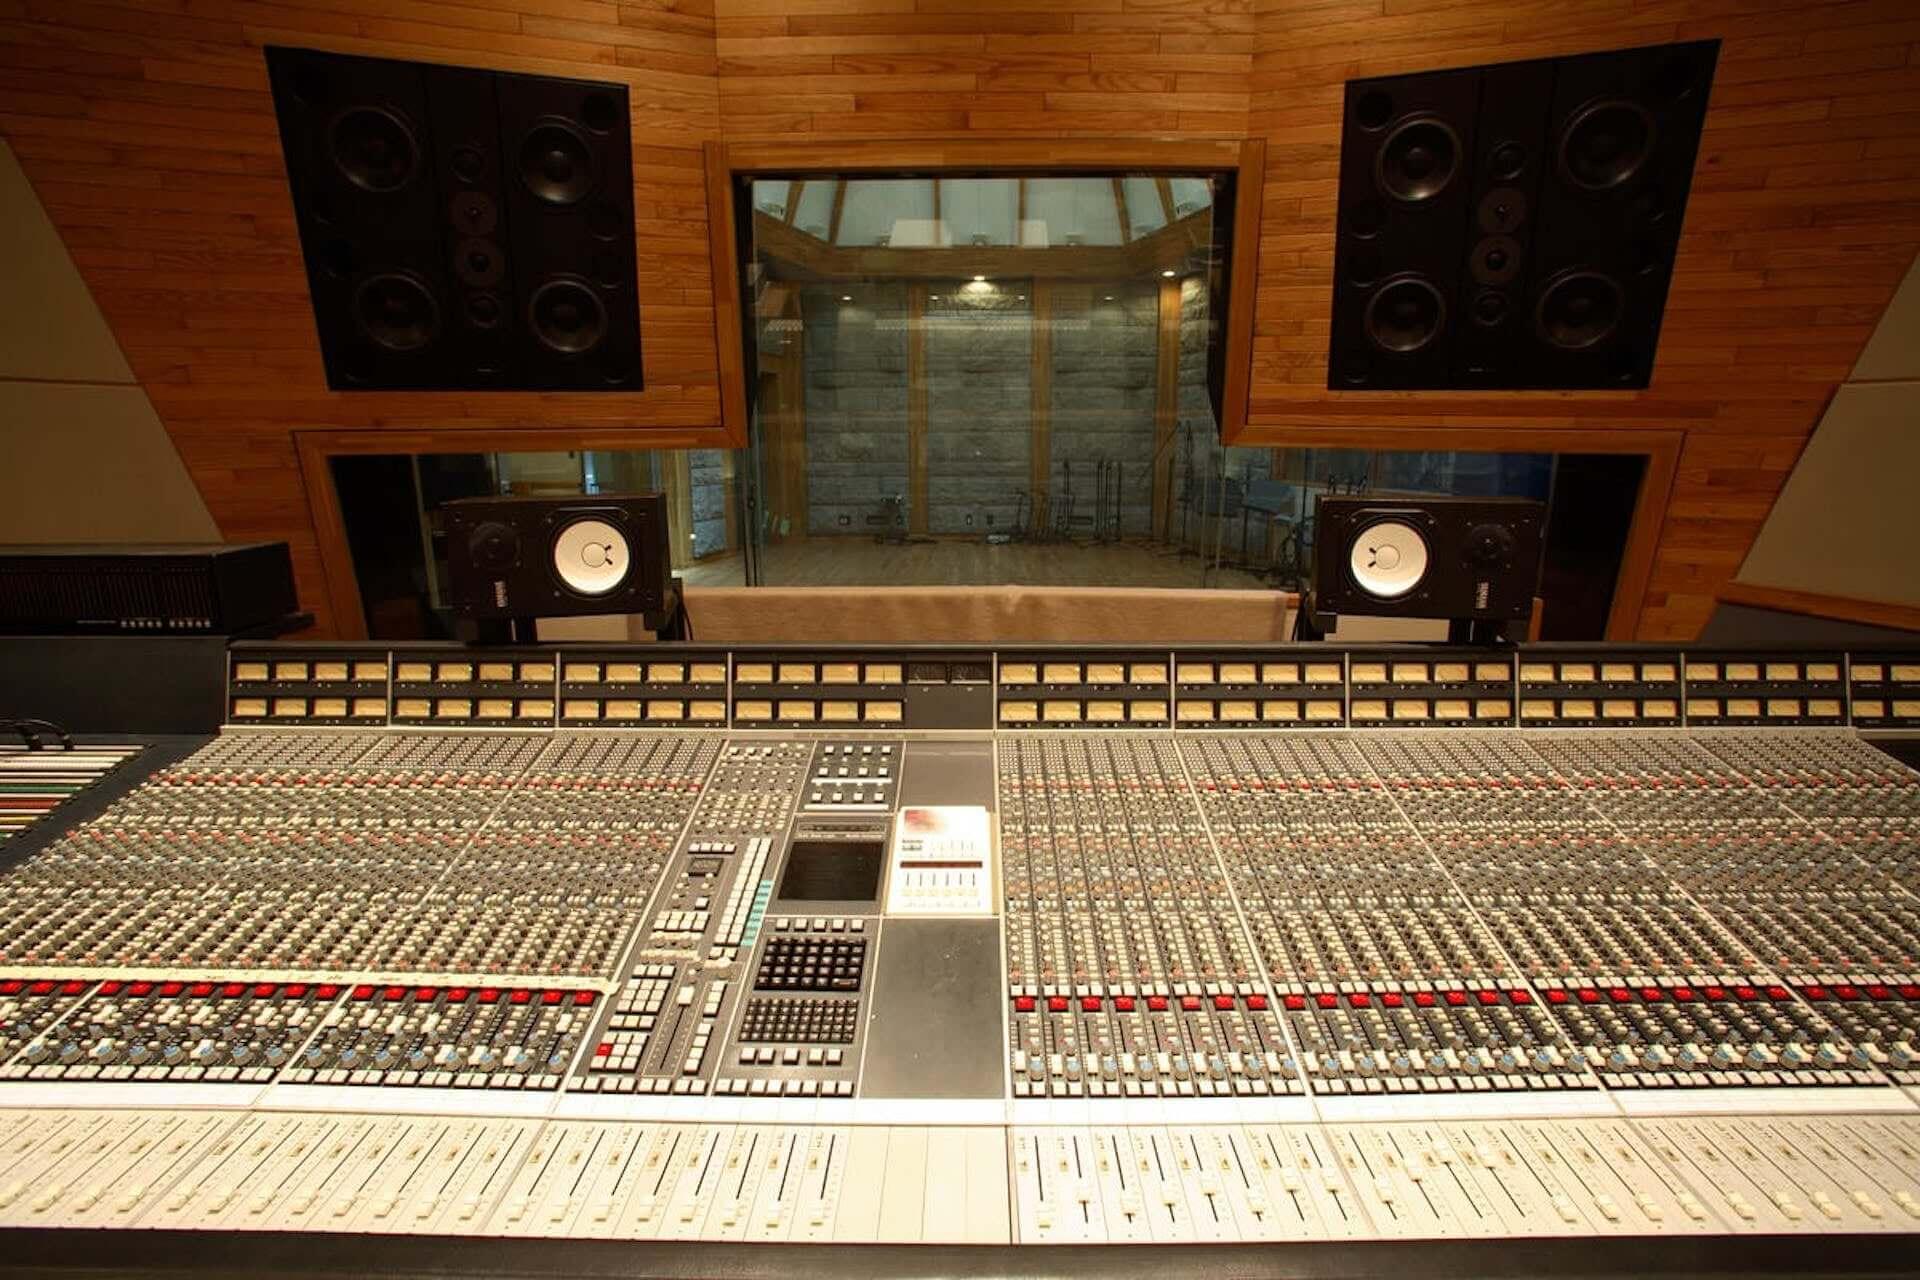 坂本龍一×大貫妙子のアルバムもレコーディングされた札幌「芸森スタジオ&CloudLodge」応援クラウドファンディングが実施中! art200707_sapporo_geimori_st_2-1920x1280